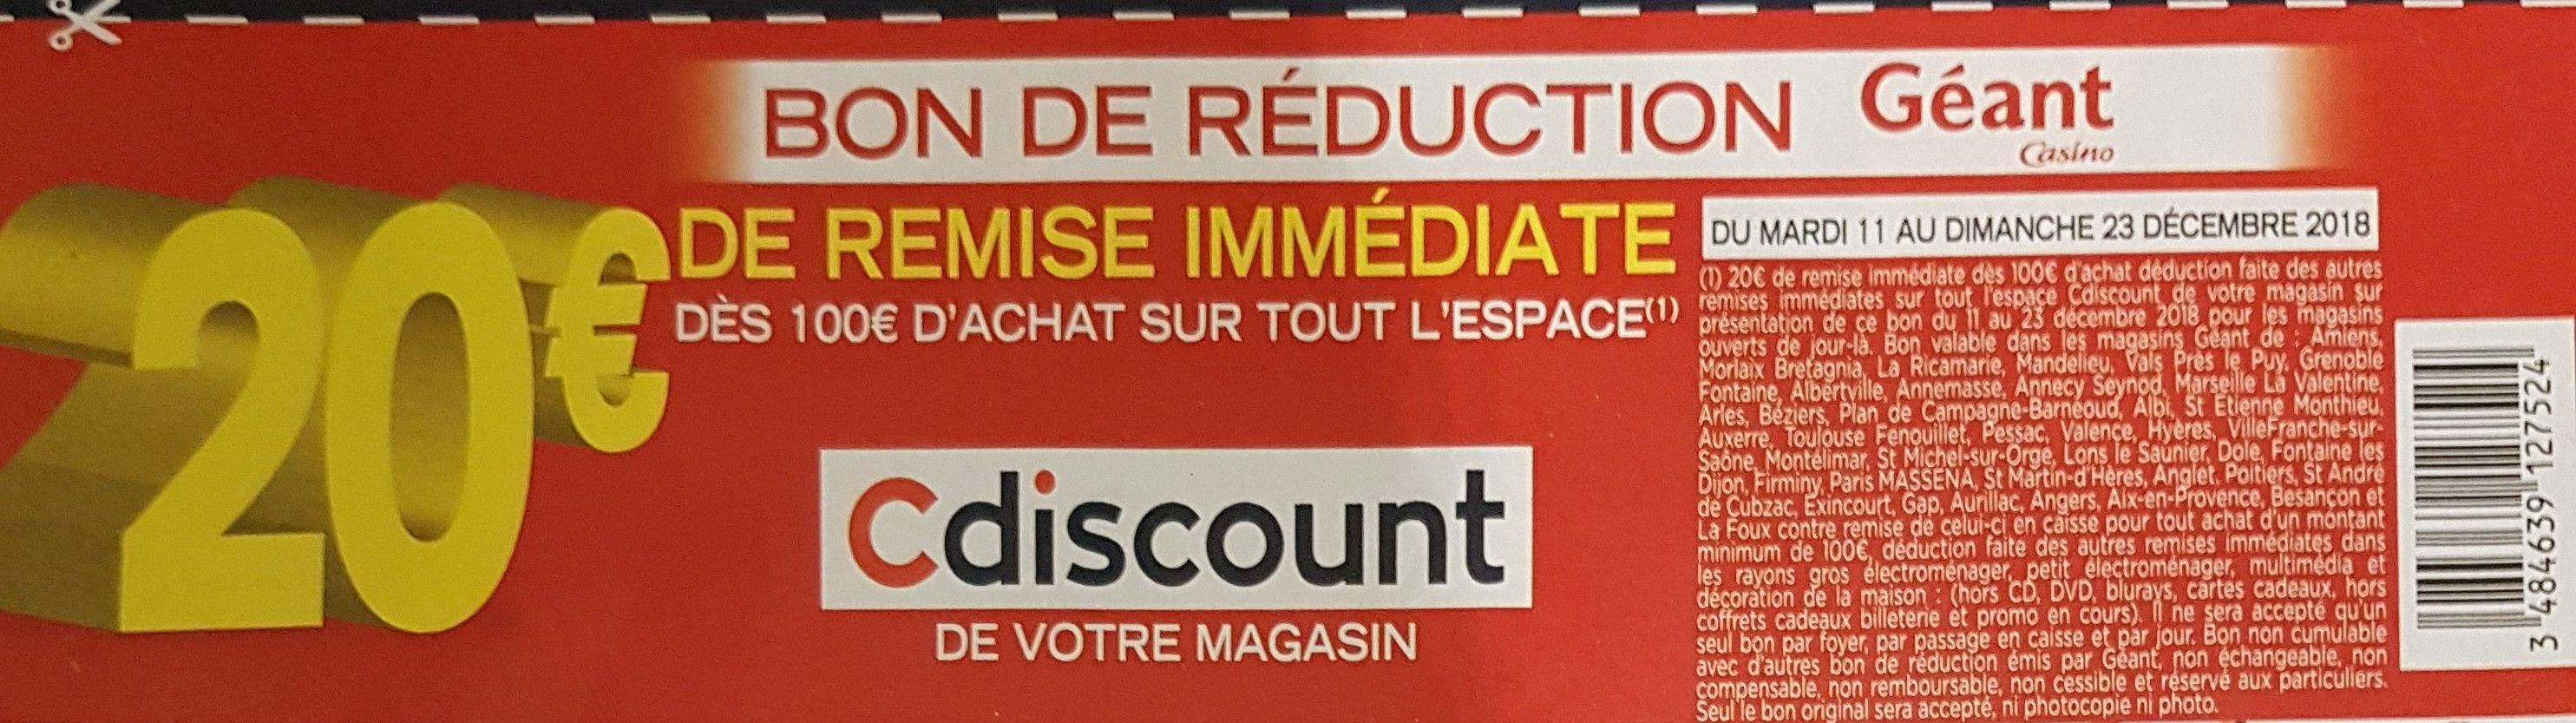 20€ de réduction dès 100€ d'achat sur l'espace Cdiscount